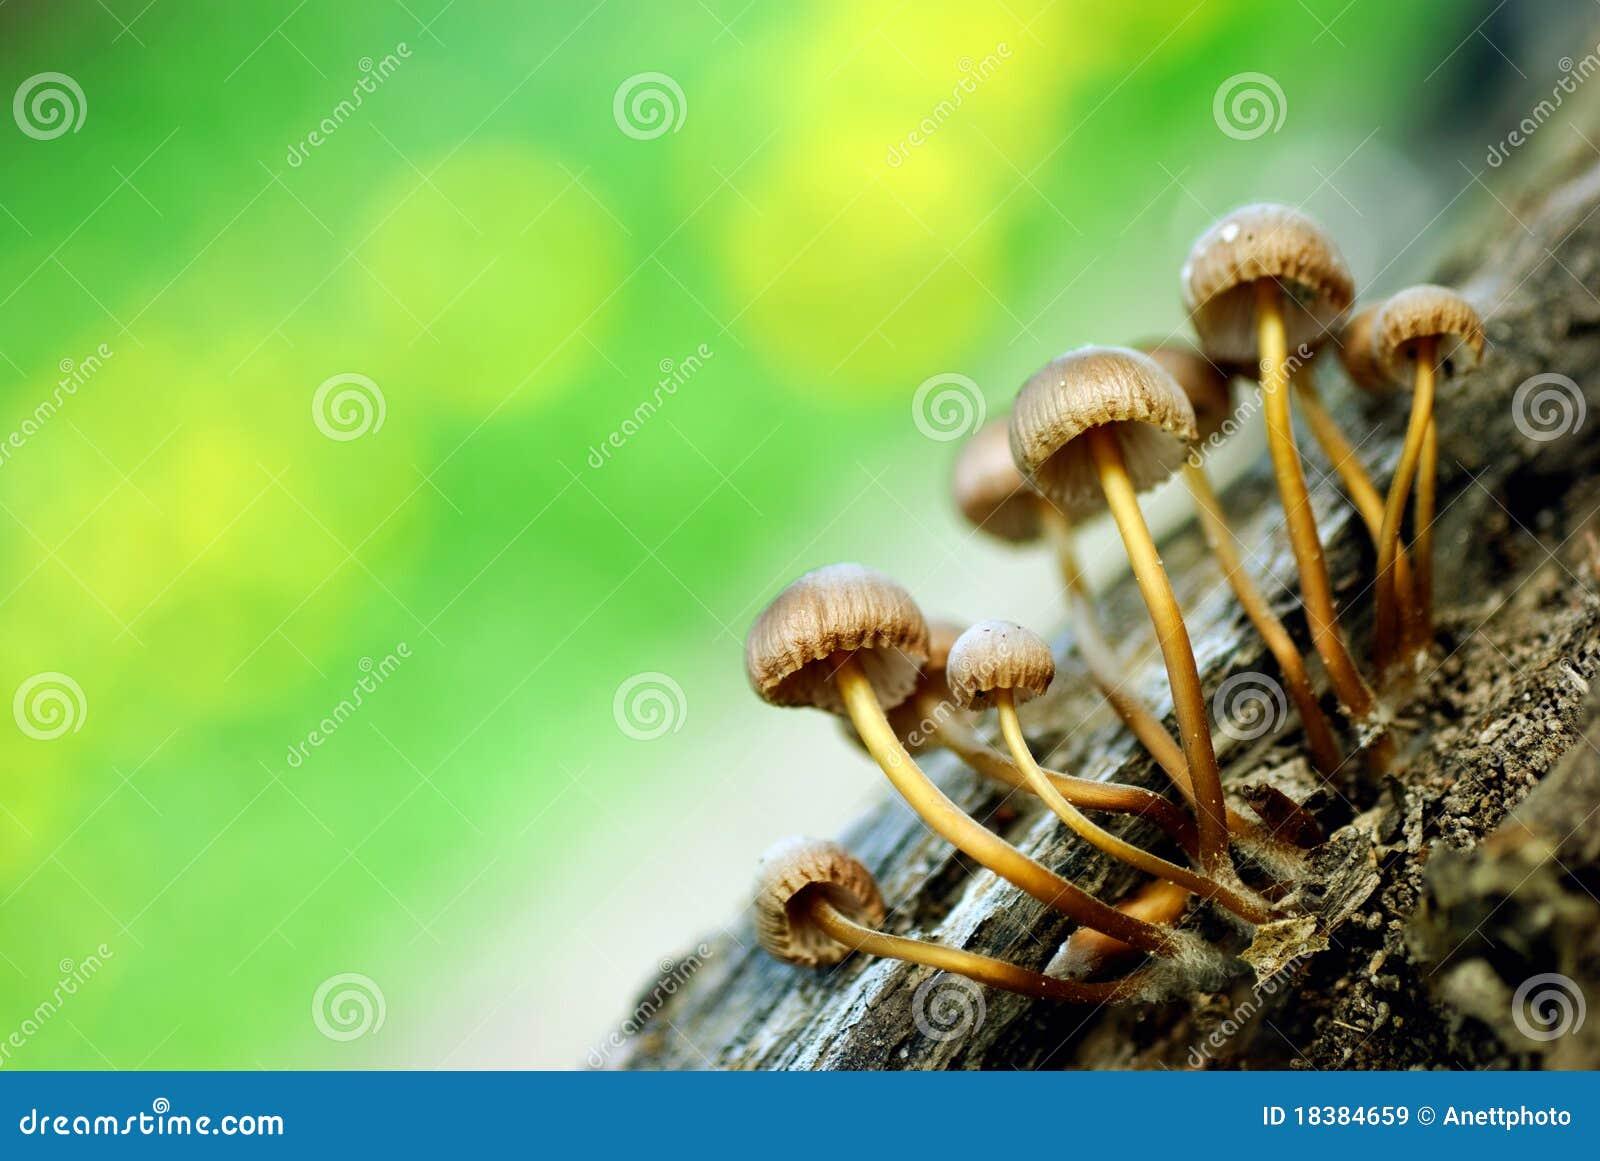 грибы группы